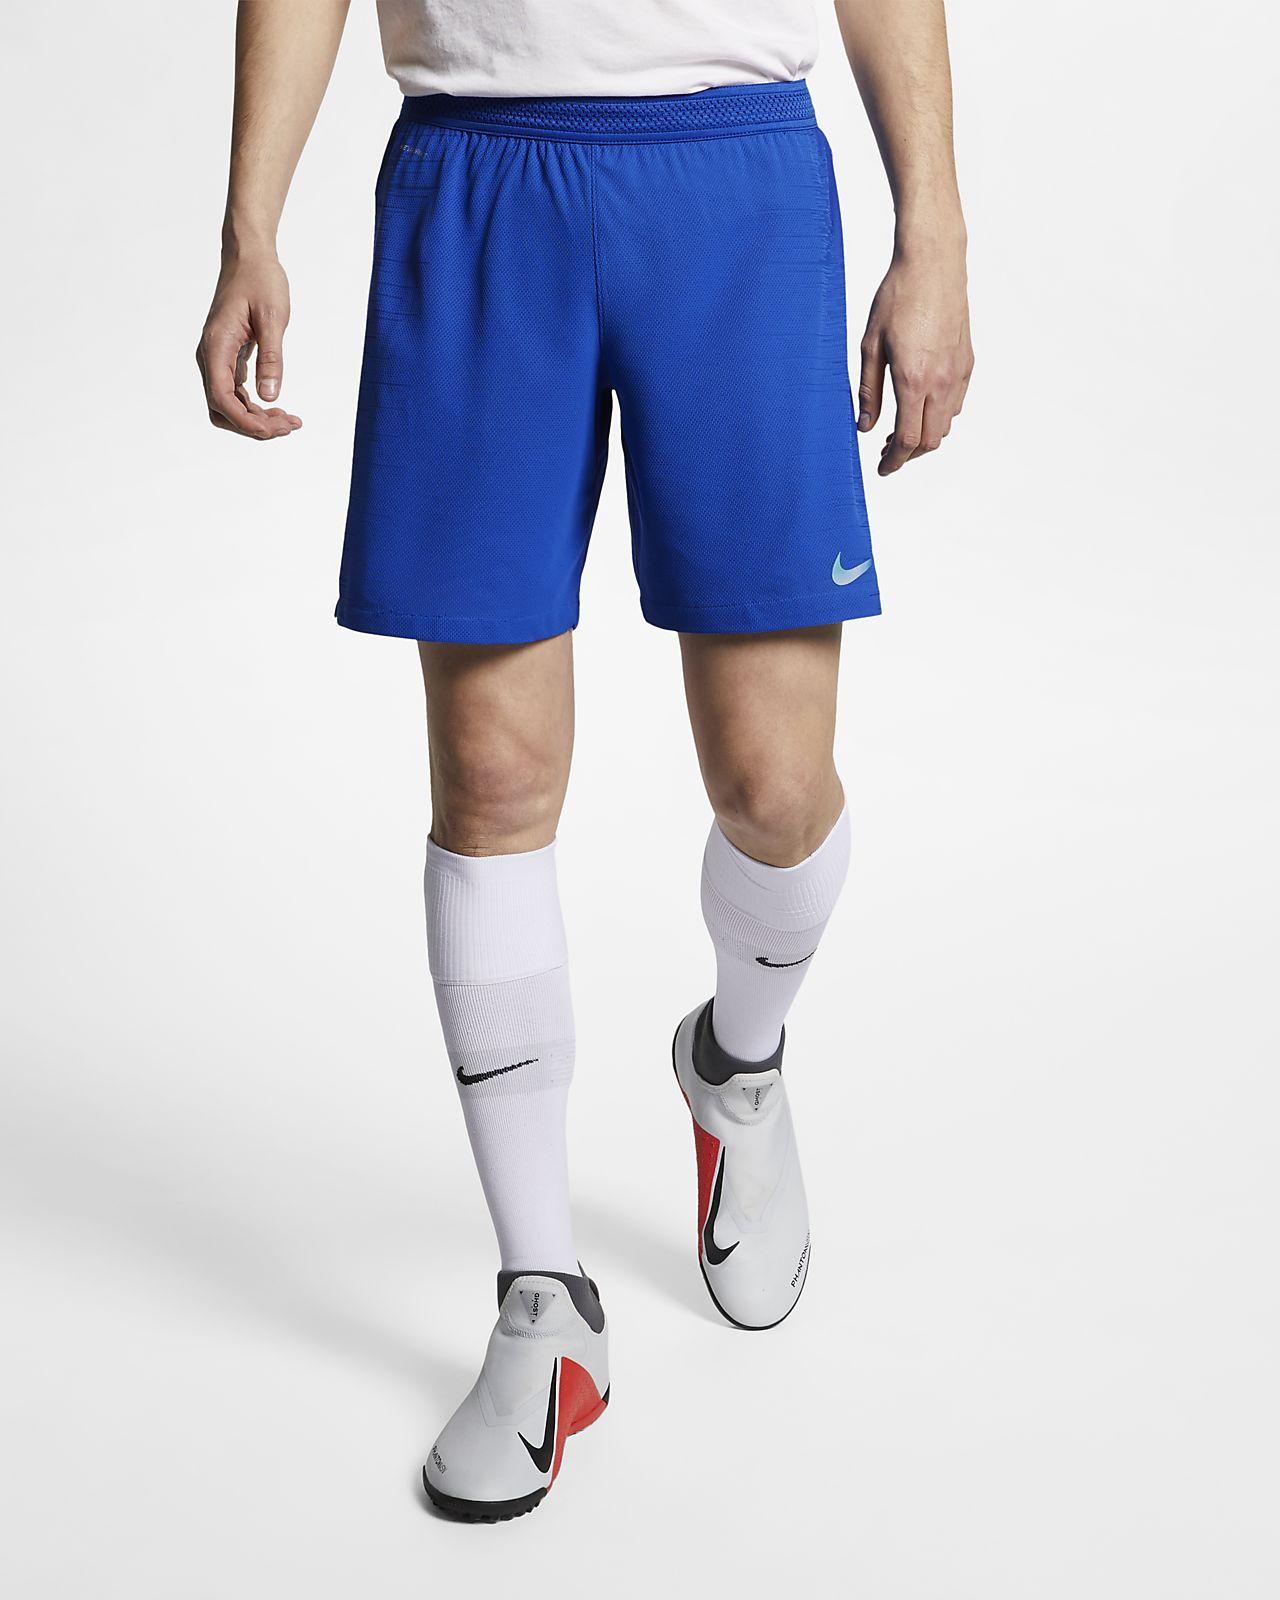 Fotbollsshorts Nike VaporKnit Strike för män